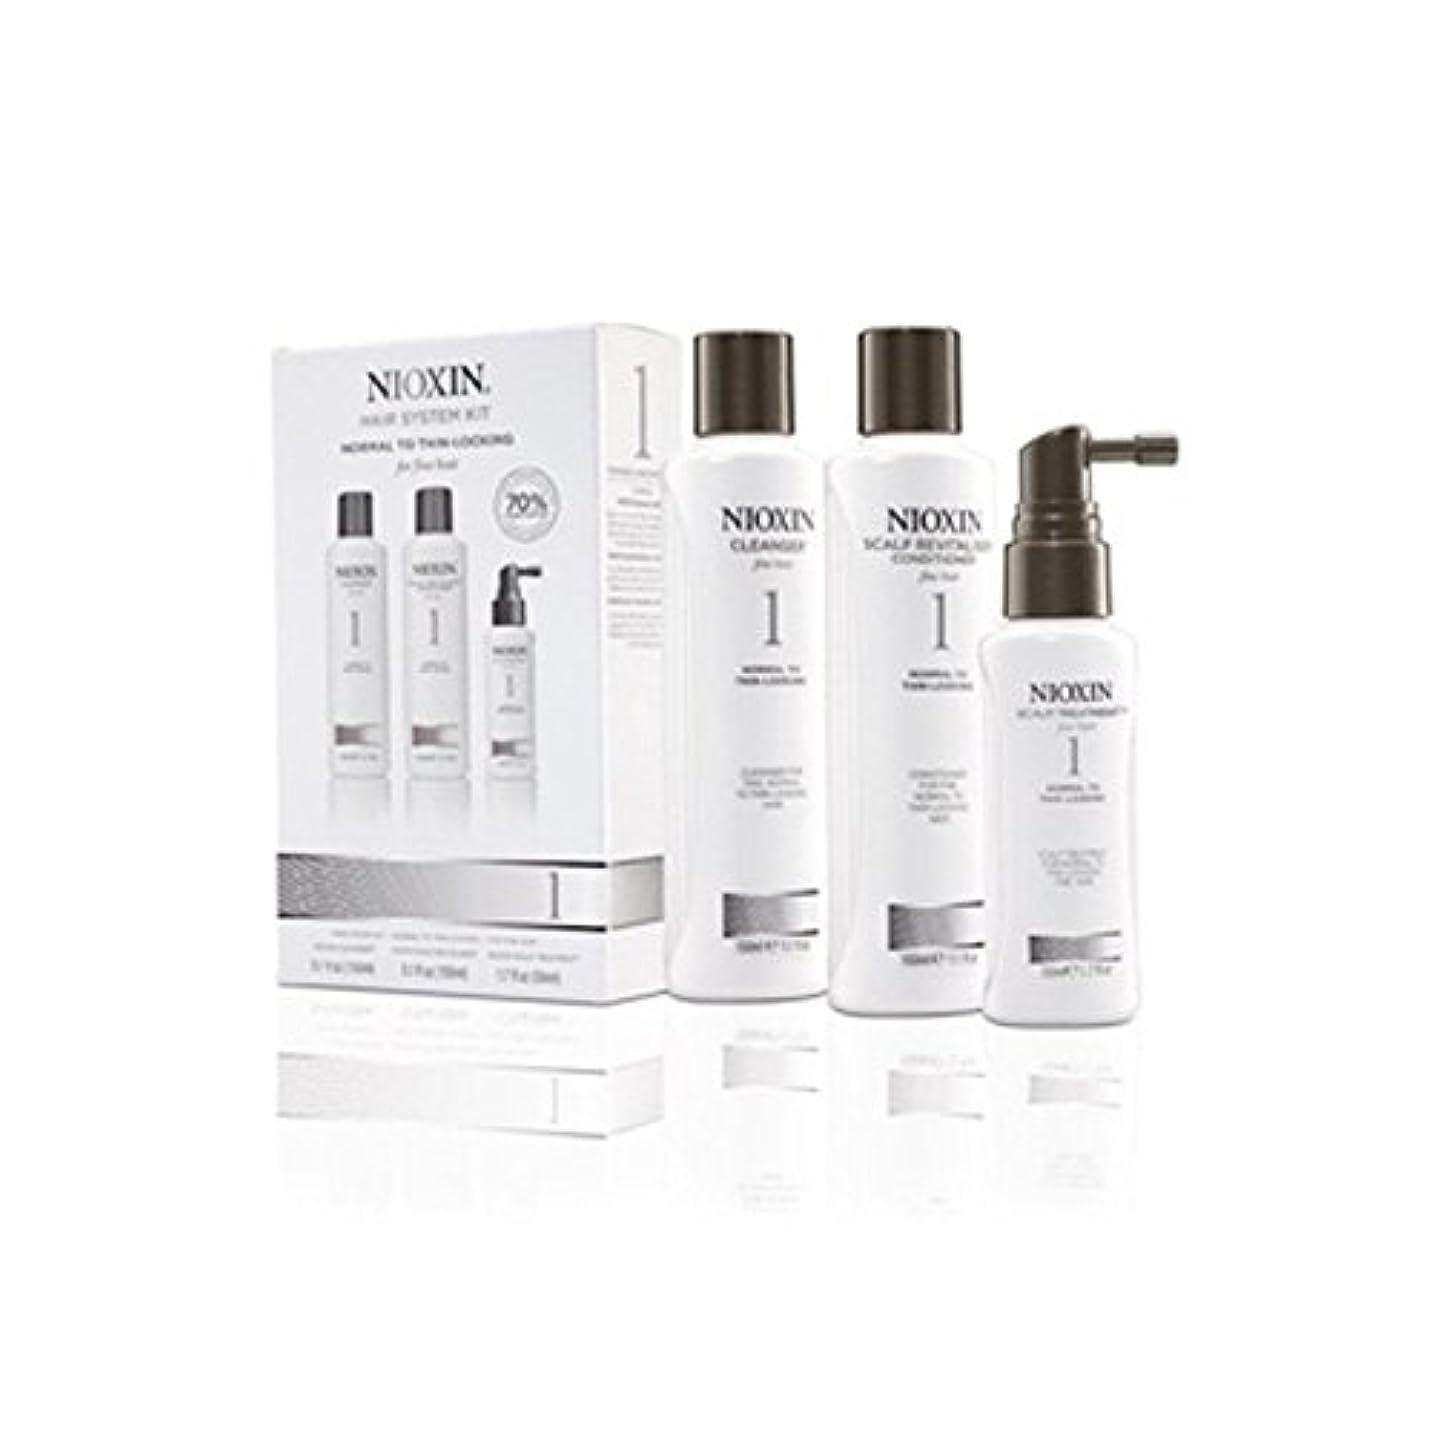 推進、動かす植物のベール細かい自然な髪への通常のためニオキシンヘアシステムキット1(3製品) x4 - Nioxin Hair System Kit 1 For Normal To Fine Natural Hair (3 Products) (Pack of 4) [並行輸入品]